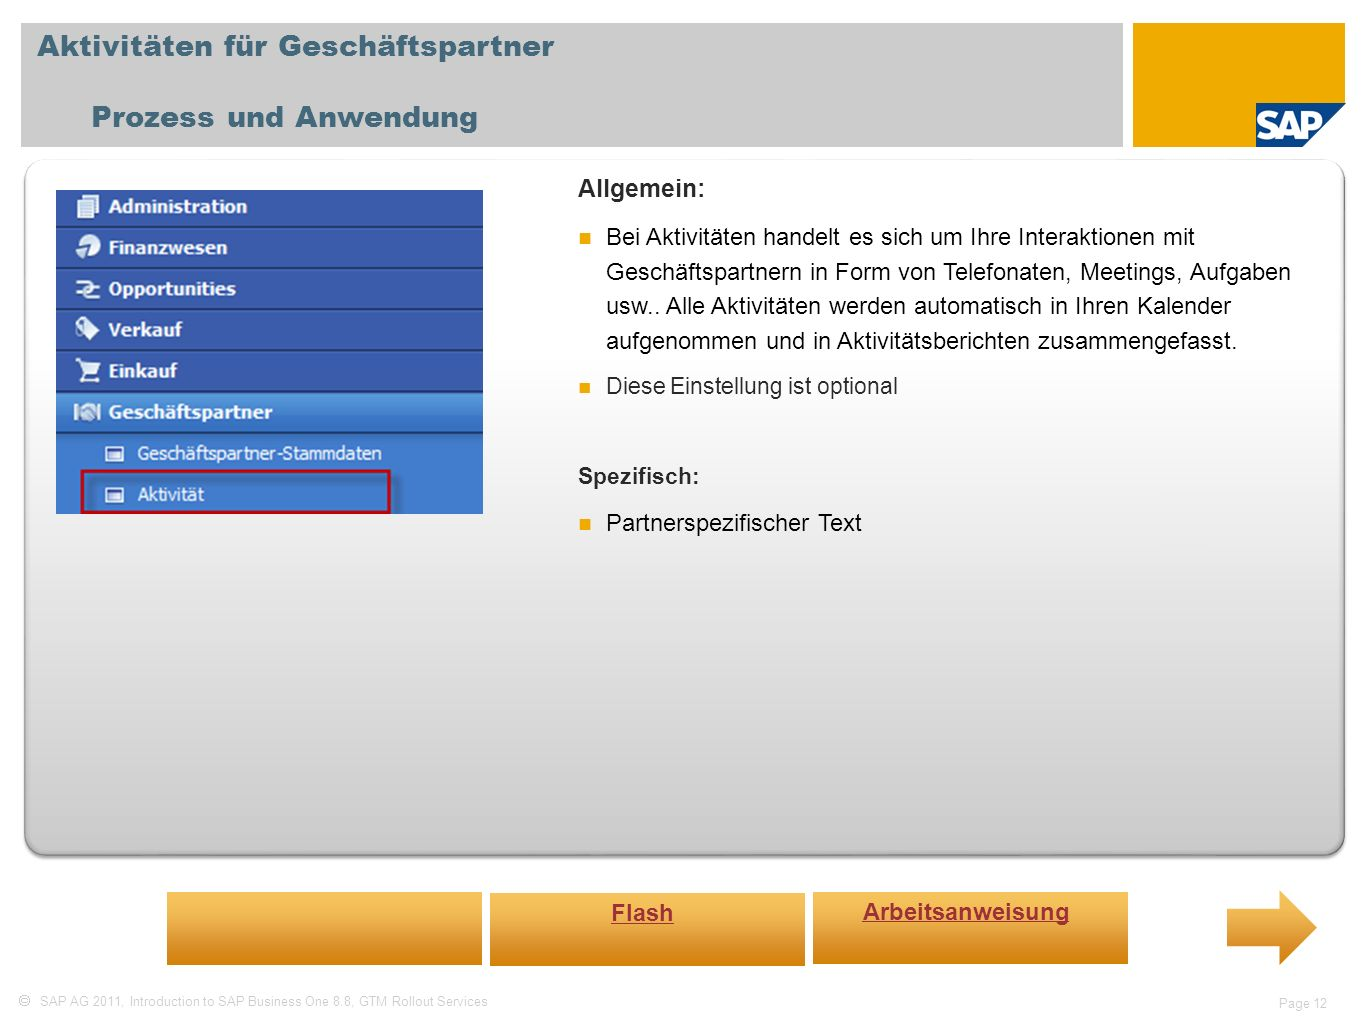 SAP AG 2011, Introduction to SAP Business One 8.8, GTM Rollout Services Page 12 Aktivitäten für Geschäftspartner Prozess und Anwendung Allgemein: Bei